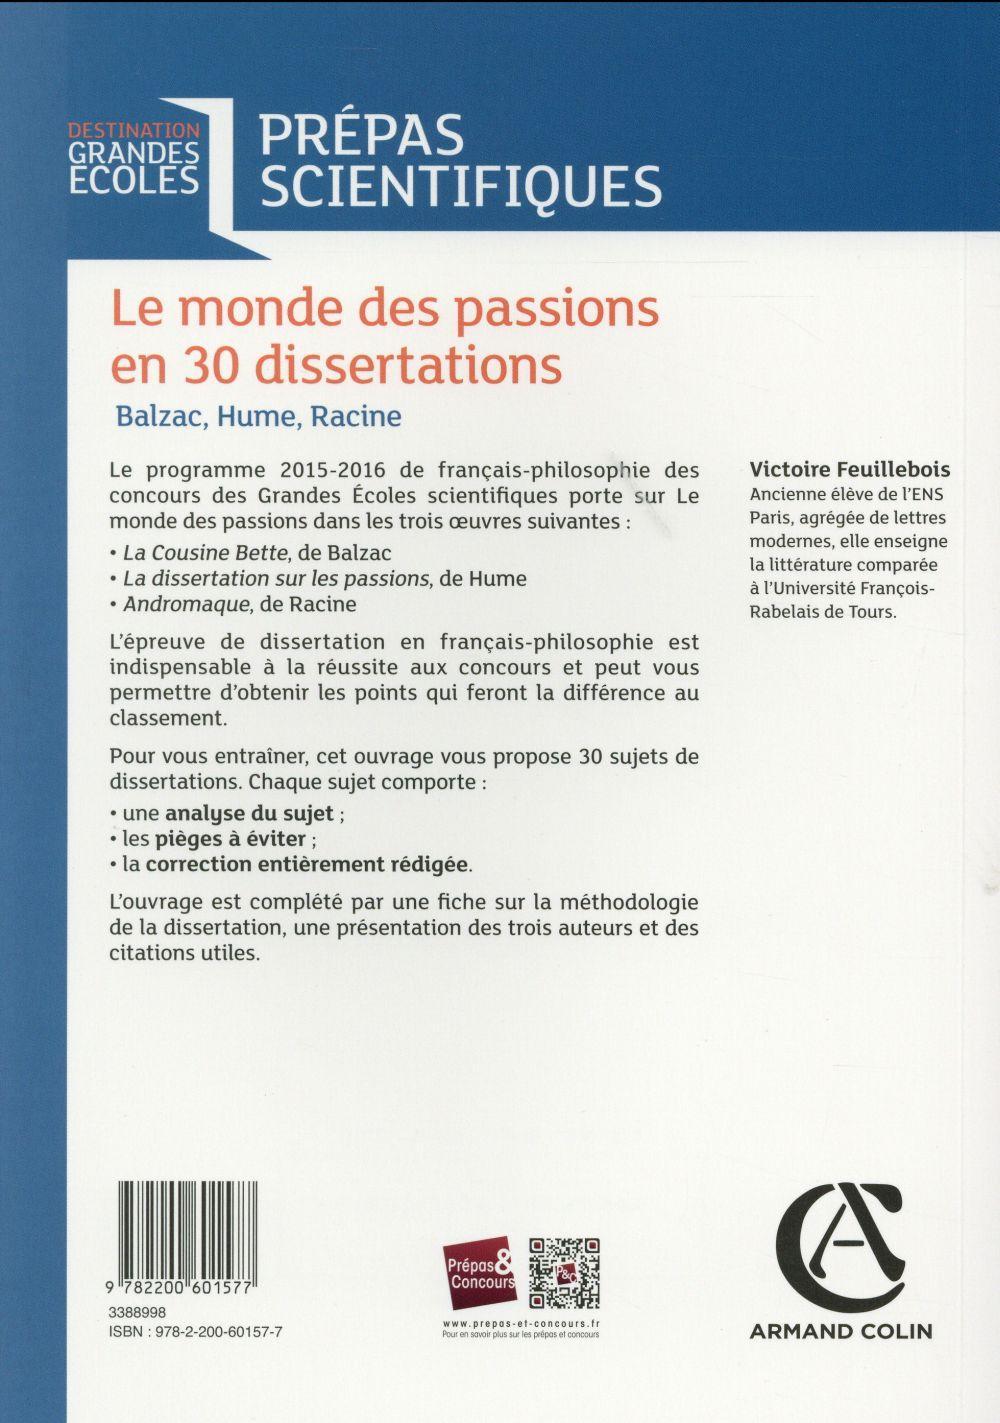 dissertation sur les passions hume prépa